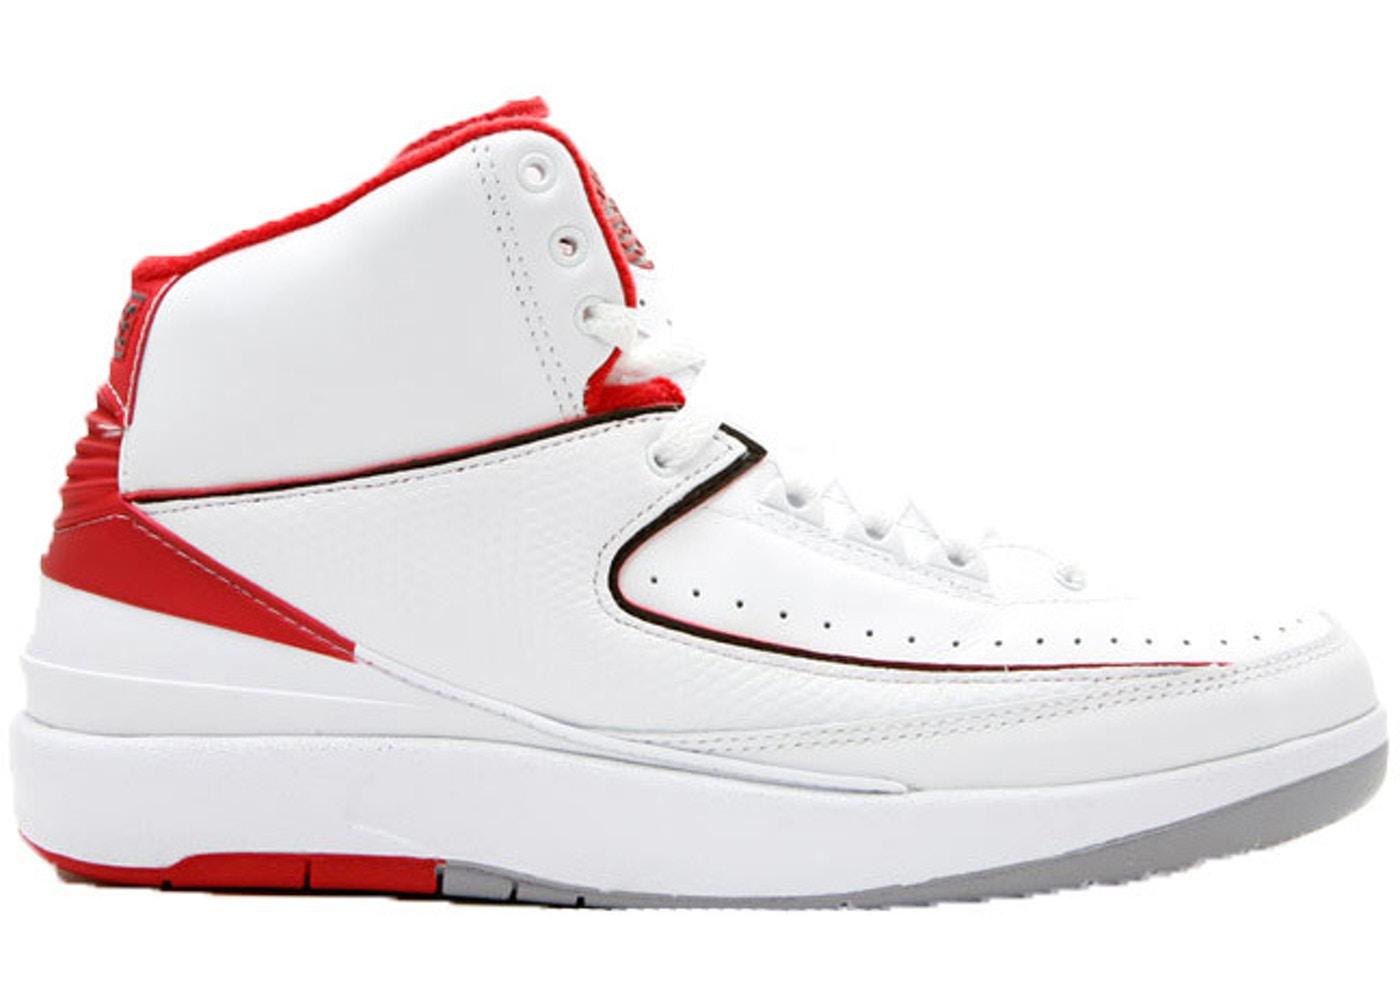 ナイキ ジョーダン JORDAN 白 ホワイト 赤 レッド スニーカー 【 WHITE RED 2 RETRO CDP 2008 VARSITY 】 メンズ